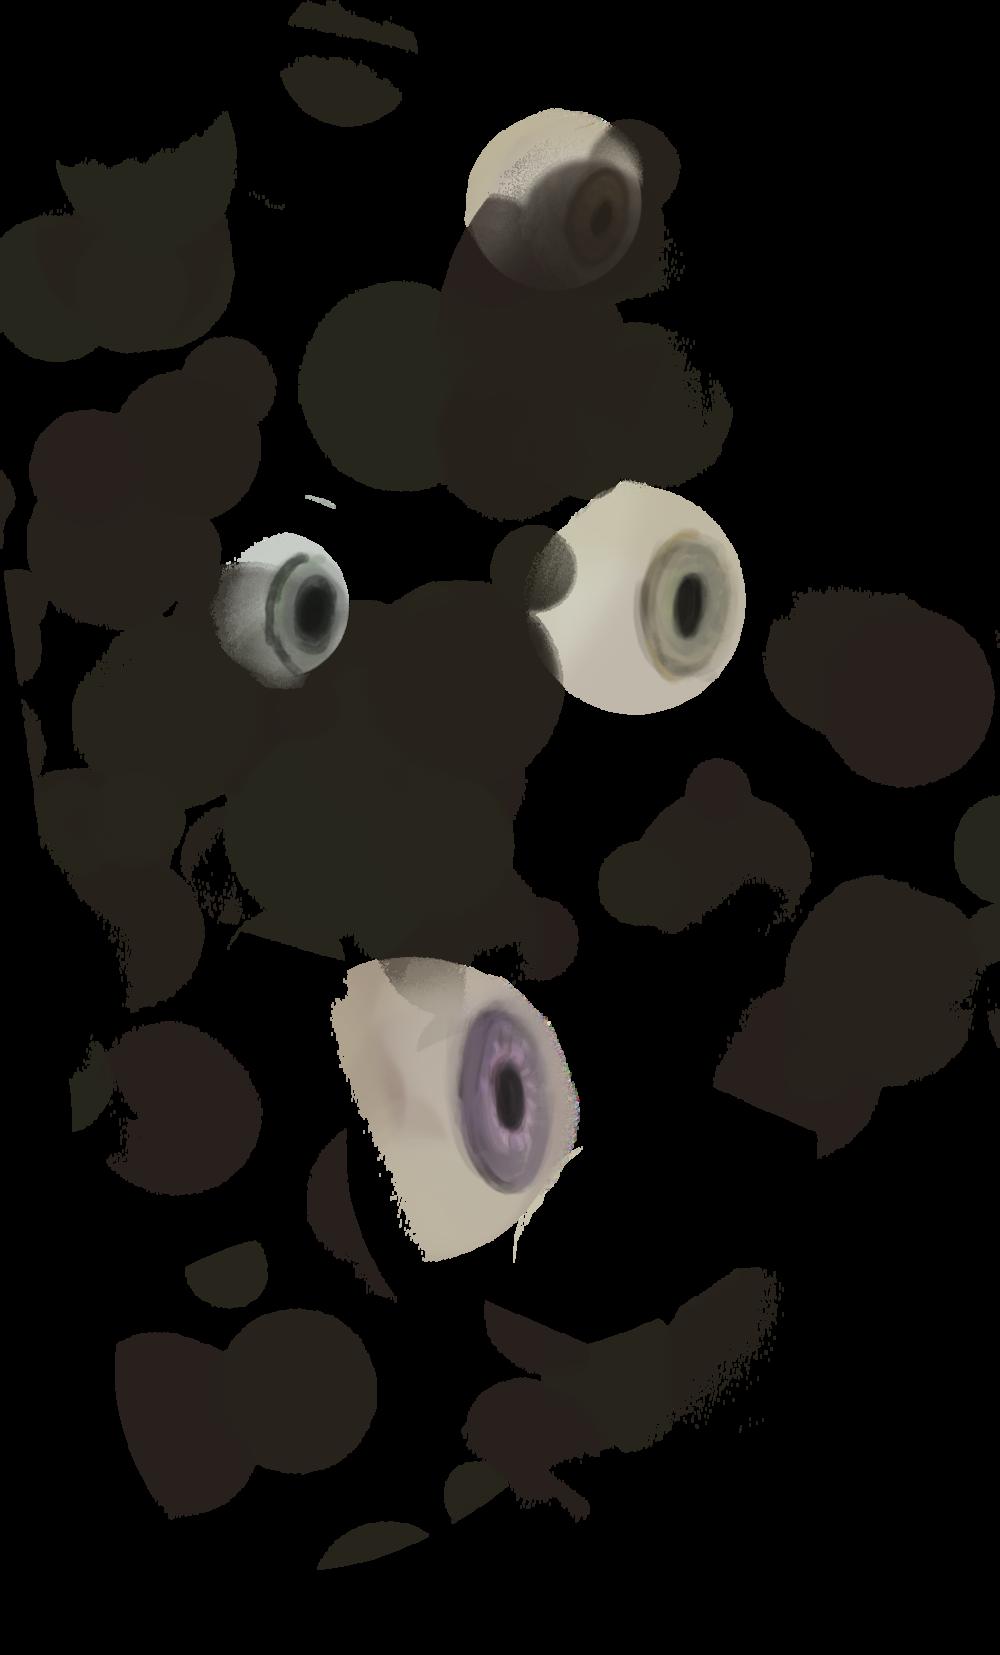 EyesTab izq.png